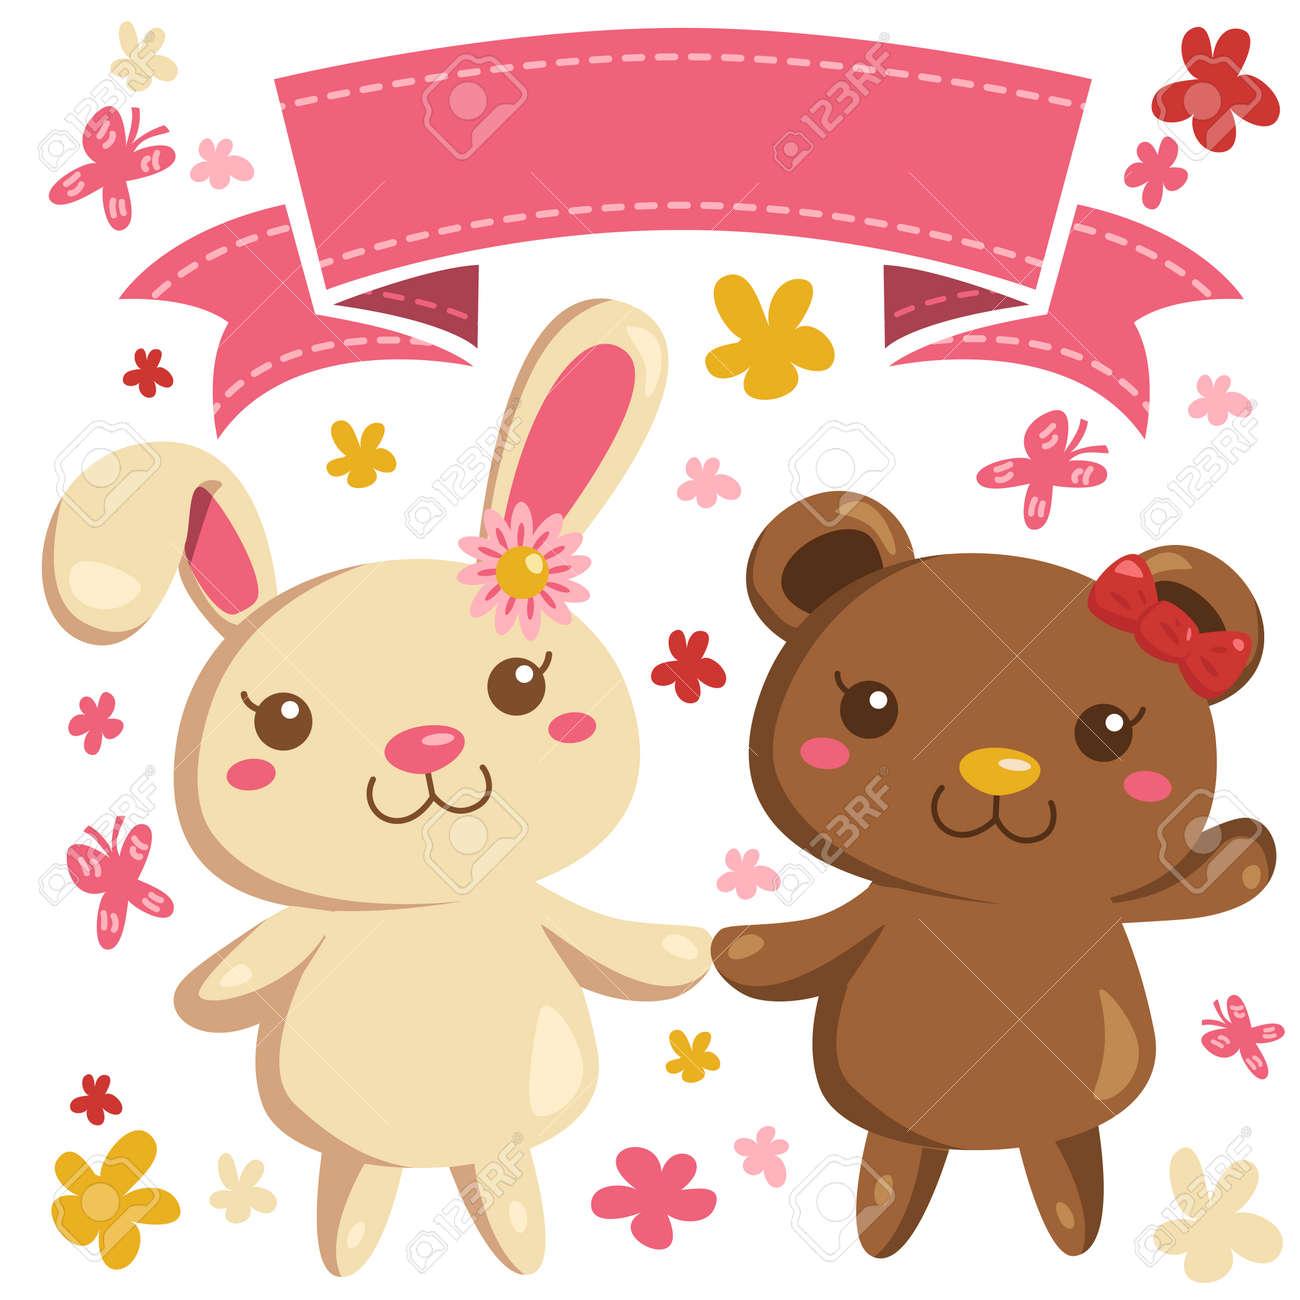 Bunny Y Vectores Oso En El Estilo De Dibujos Animados Lindo Con La